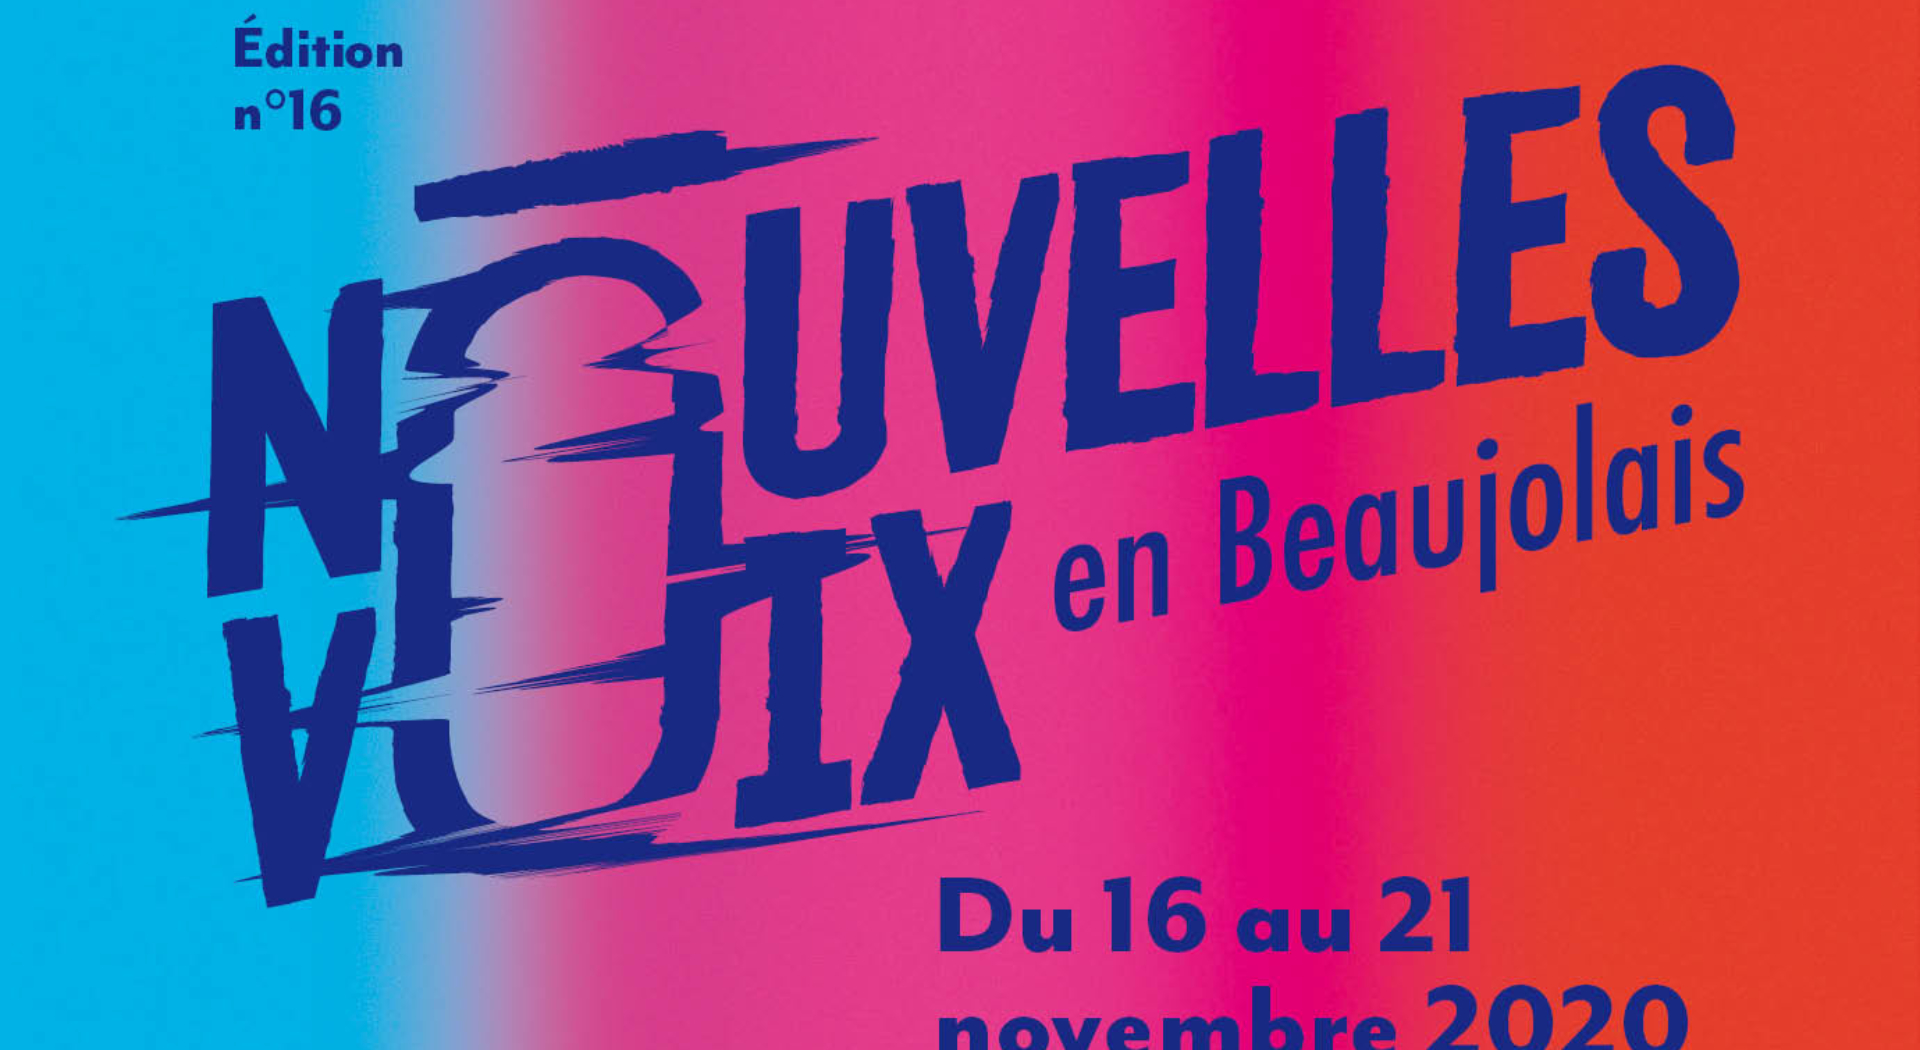 Festival Nouvelles Voix en Beaujolais